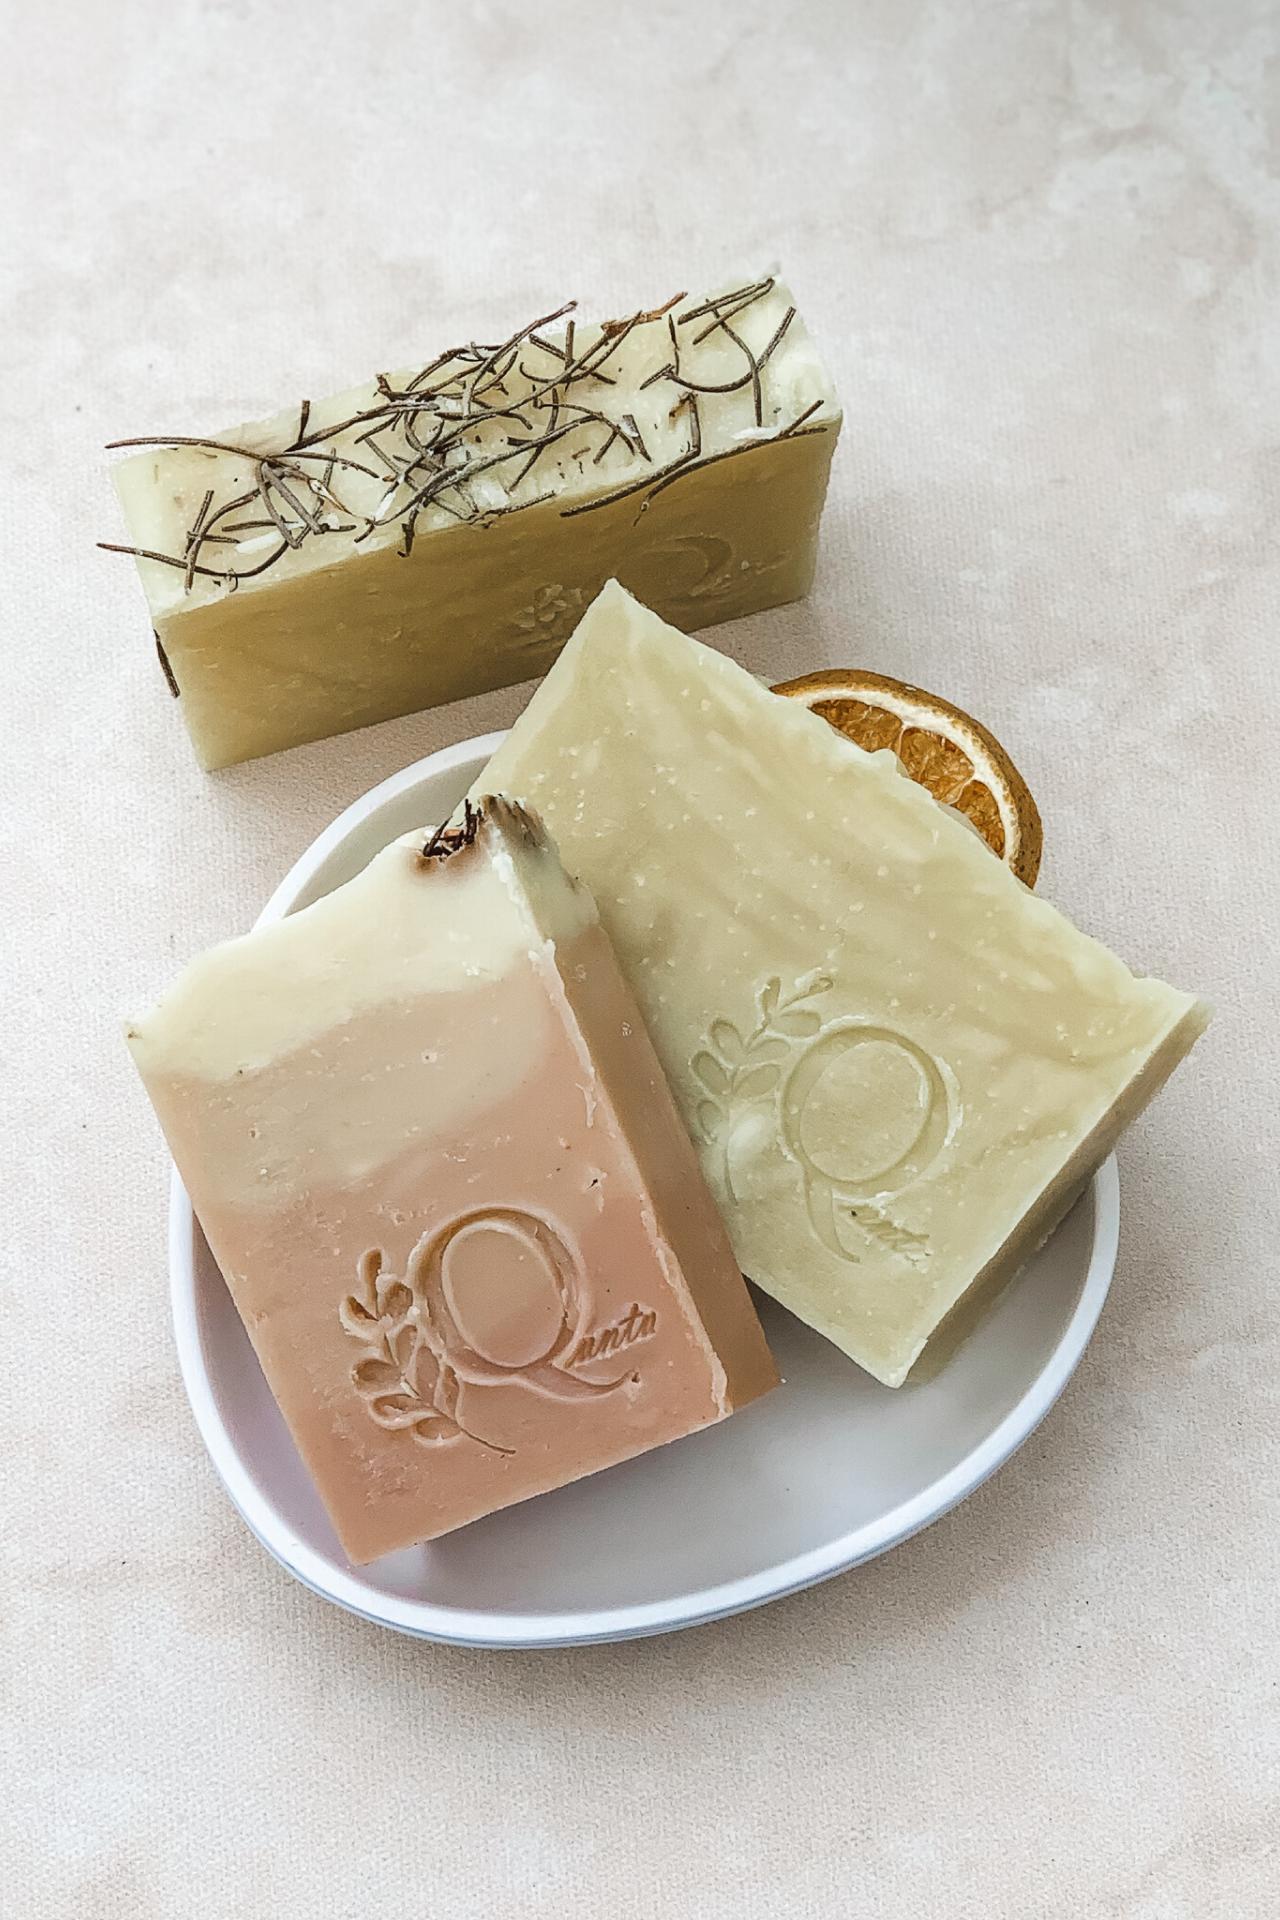 Limpia tu piel manteniéndola hidratada, ayuda a eliminar células muertas y a mantenerla tonificada. Recomendado para pieles normales. Incluye una barra de jabón de naranja, una barra de jabón de romero, y una barra de jabón de arcilla rosada.